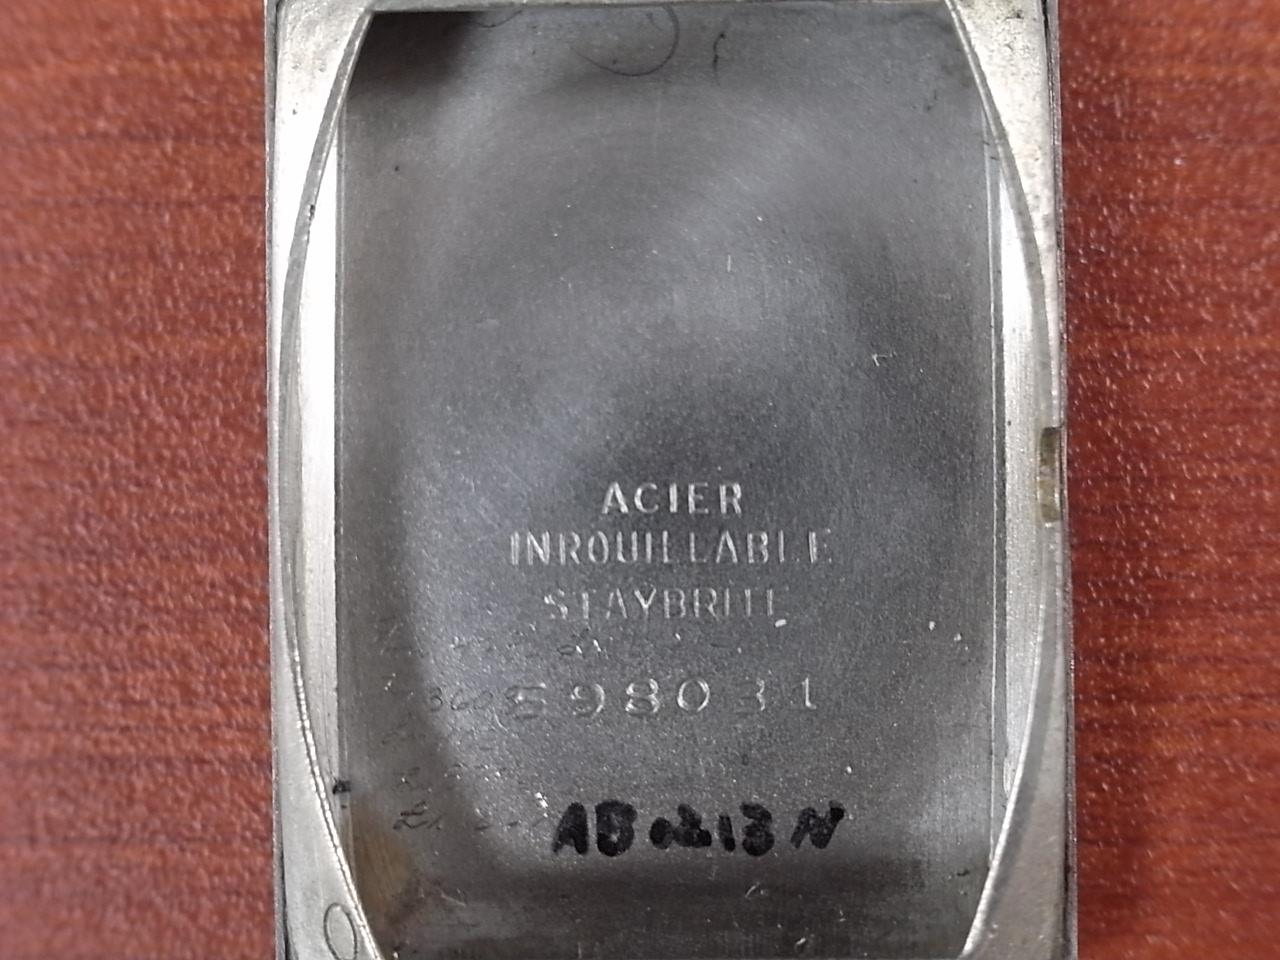 ティソ レクタンギュラー アールデコダイアル 1930年代の写真6枚目